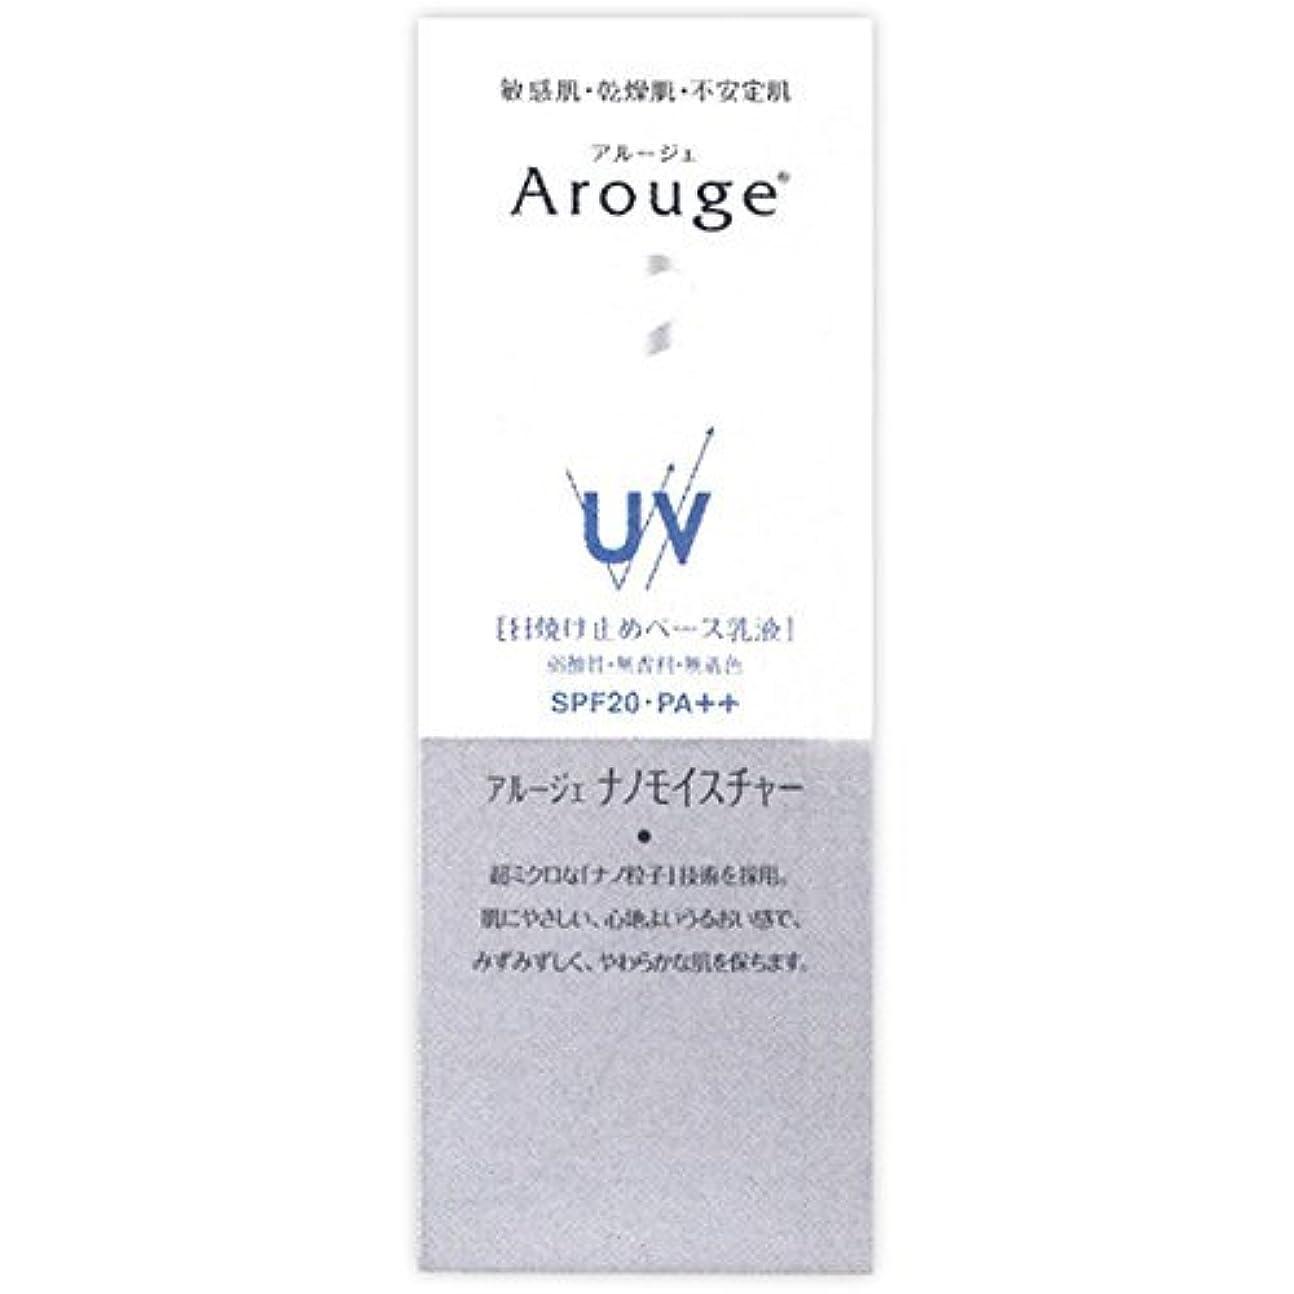 煙お父さん飾るアルージェ UV モイストビューティーアップ日焼け止めベース乳液25g (SPF20?PA++)